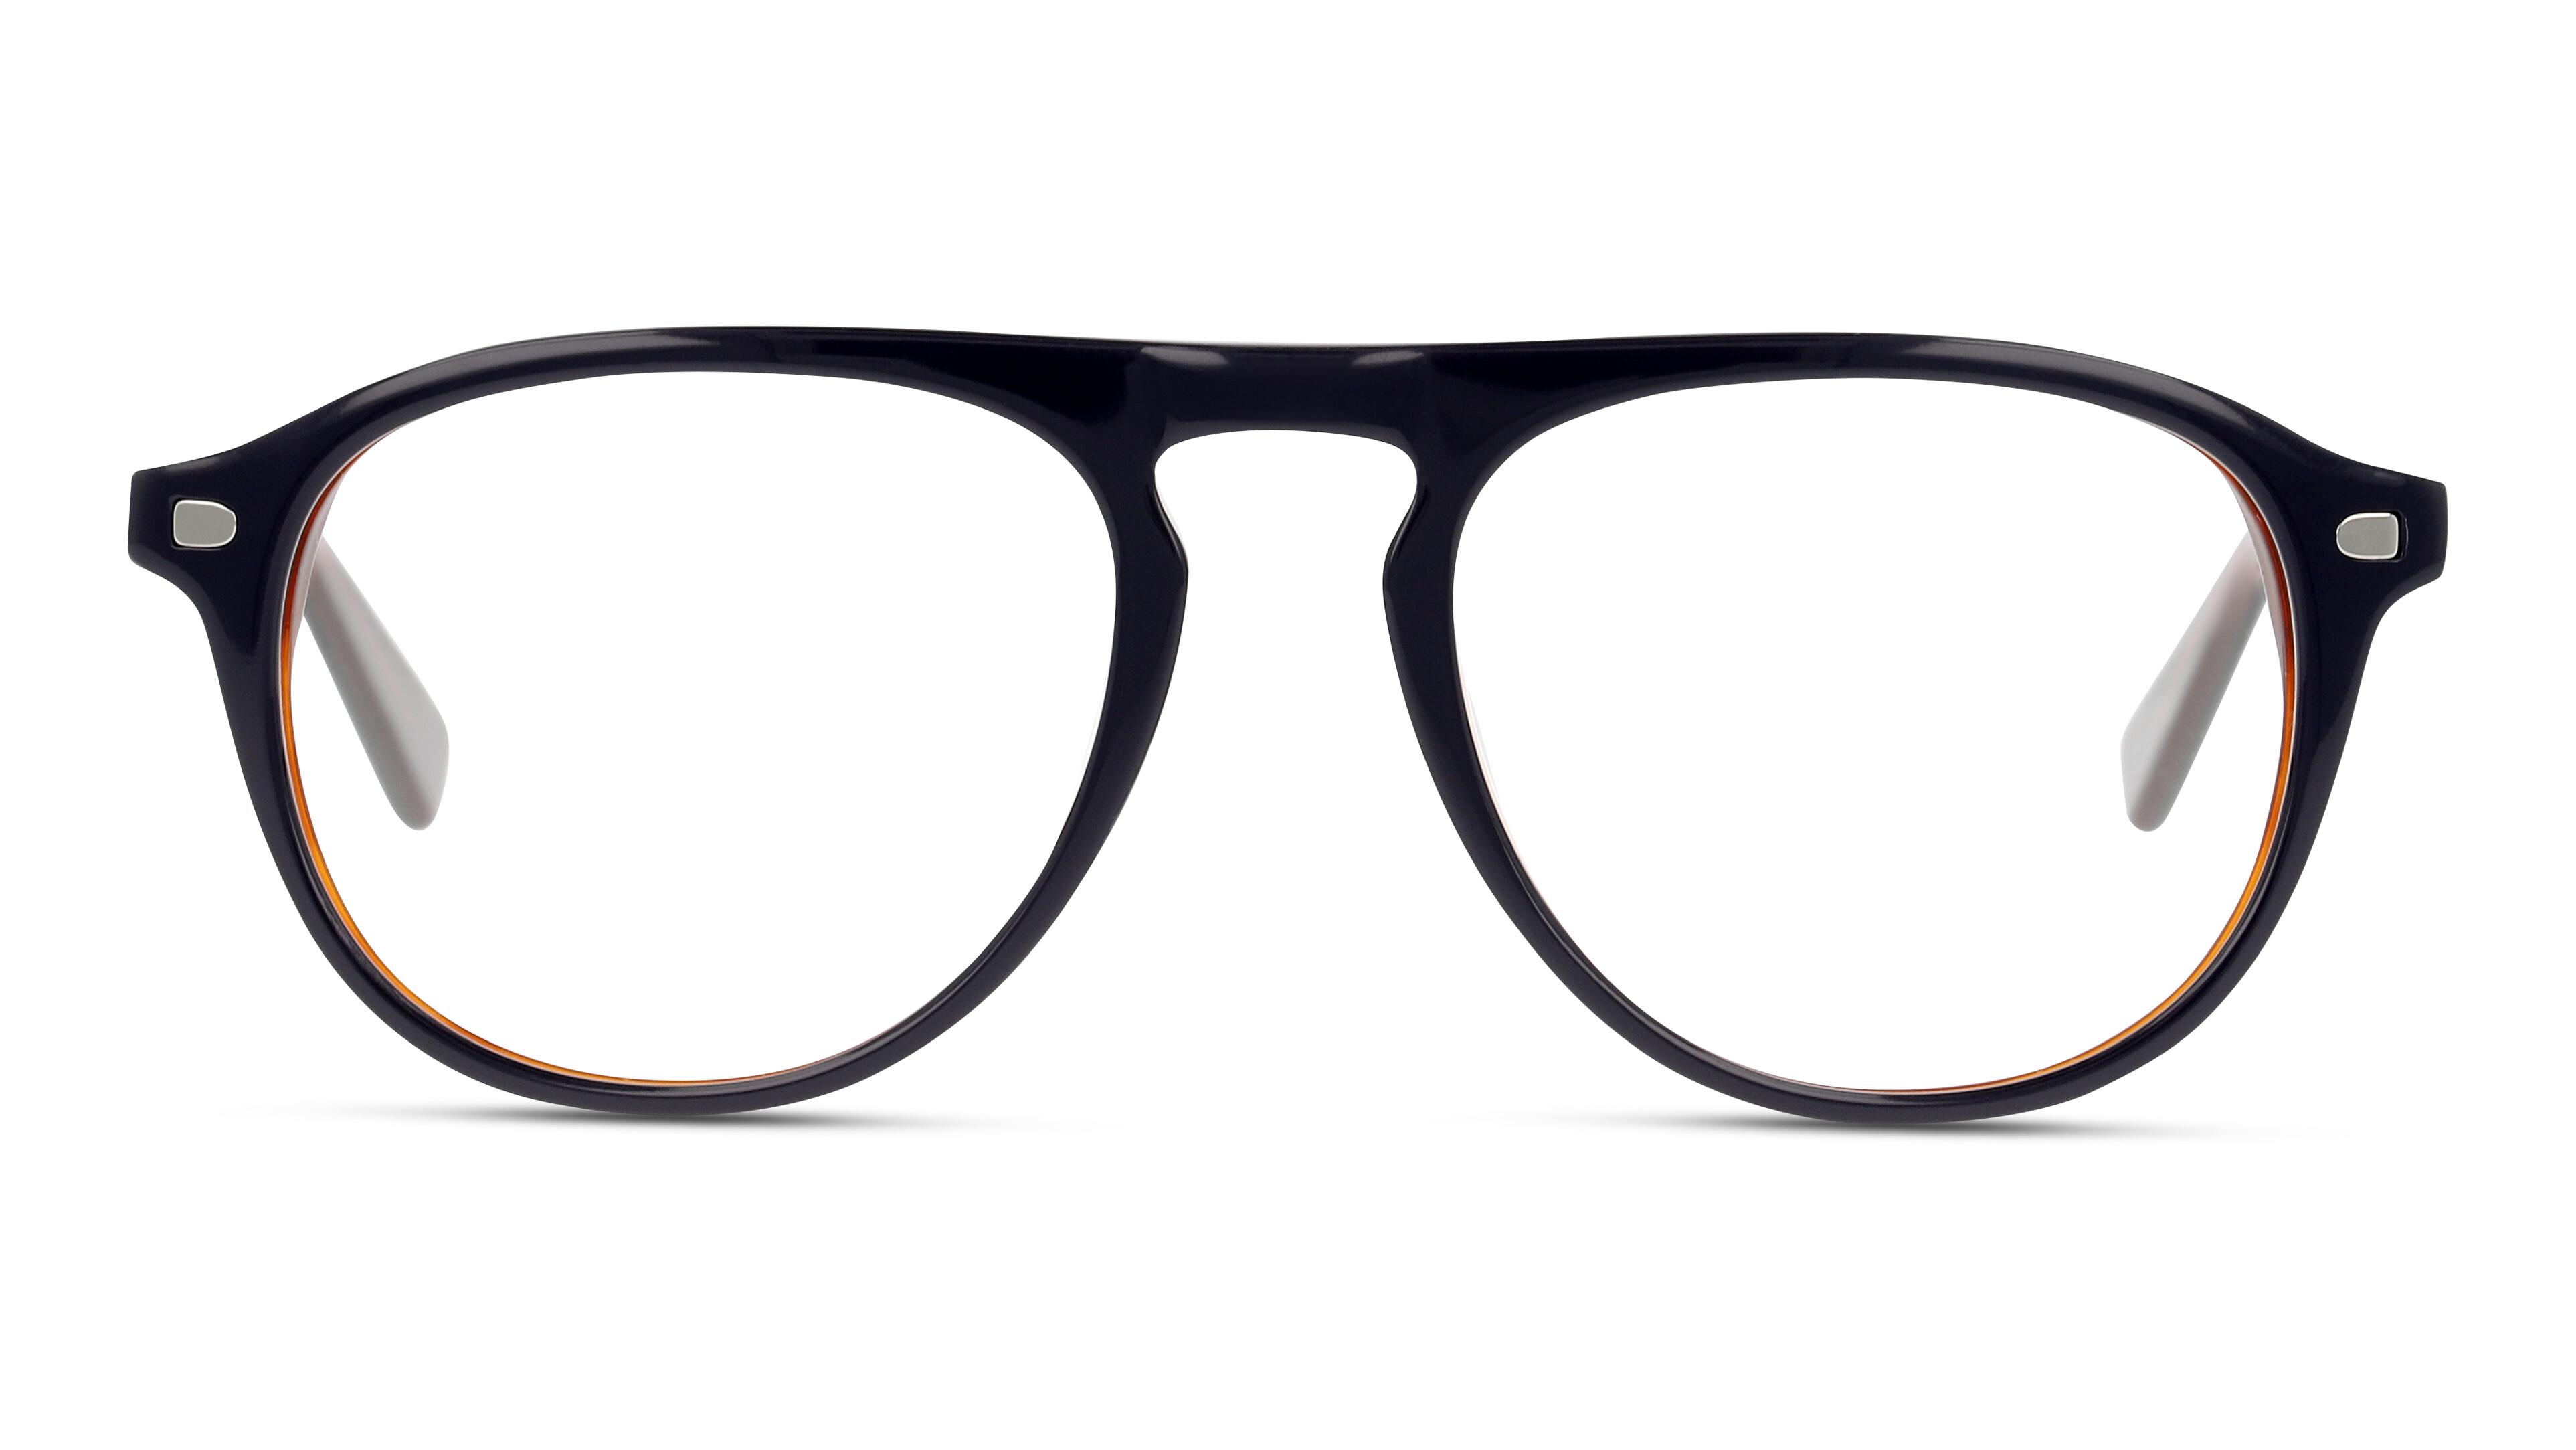 8719154774379-front-brillenfassung-unofficial-unom0157-navy-blue-navy-blue